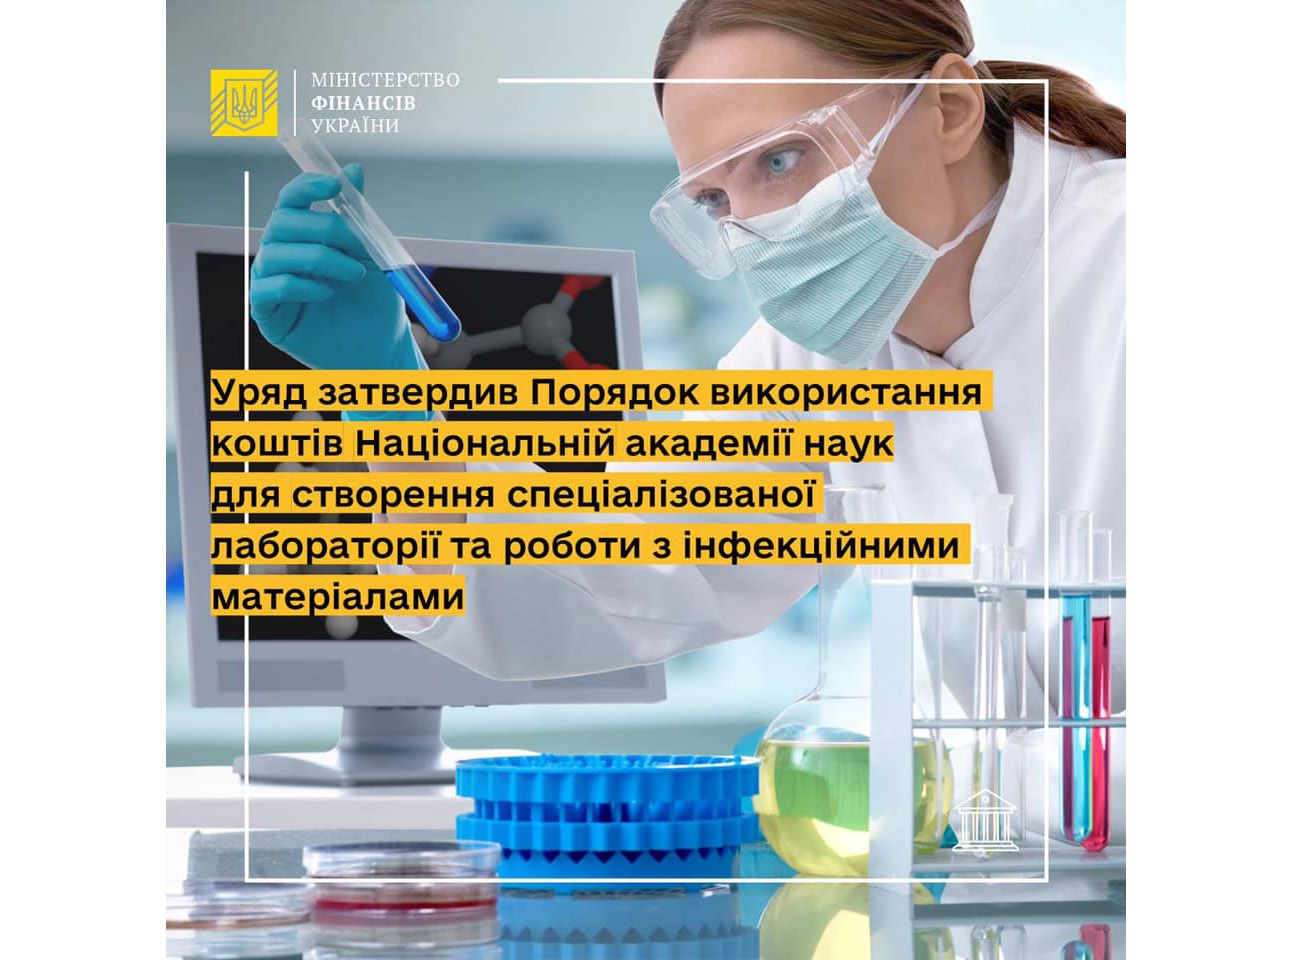 На базе Института молекулярной биологии и генетики НАНУ создадут специализированную лабораторию для работы с инфекционными материалами